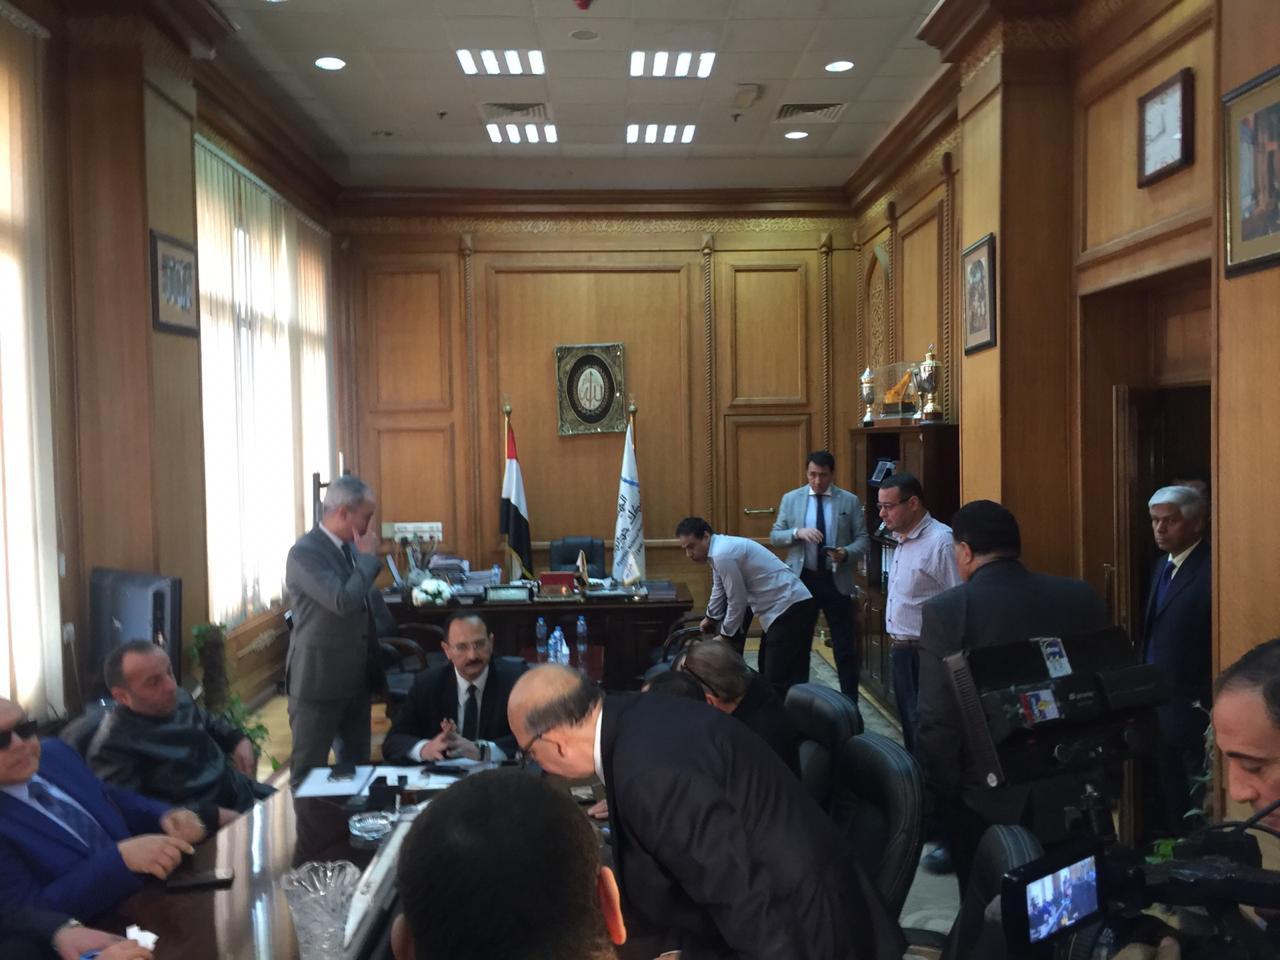 اجتماع مغلق لوفد البرلمان مع رئيس هيئة السكك الحديدية (3)